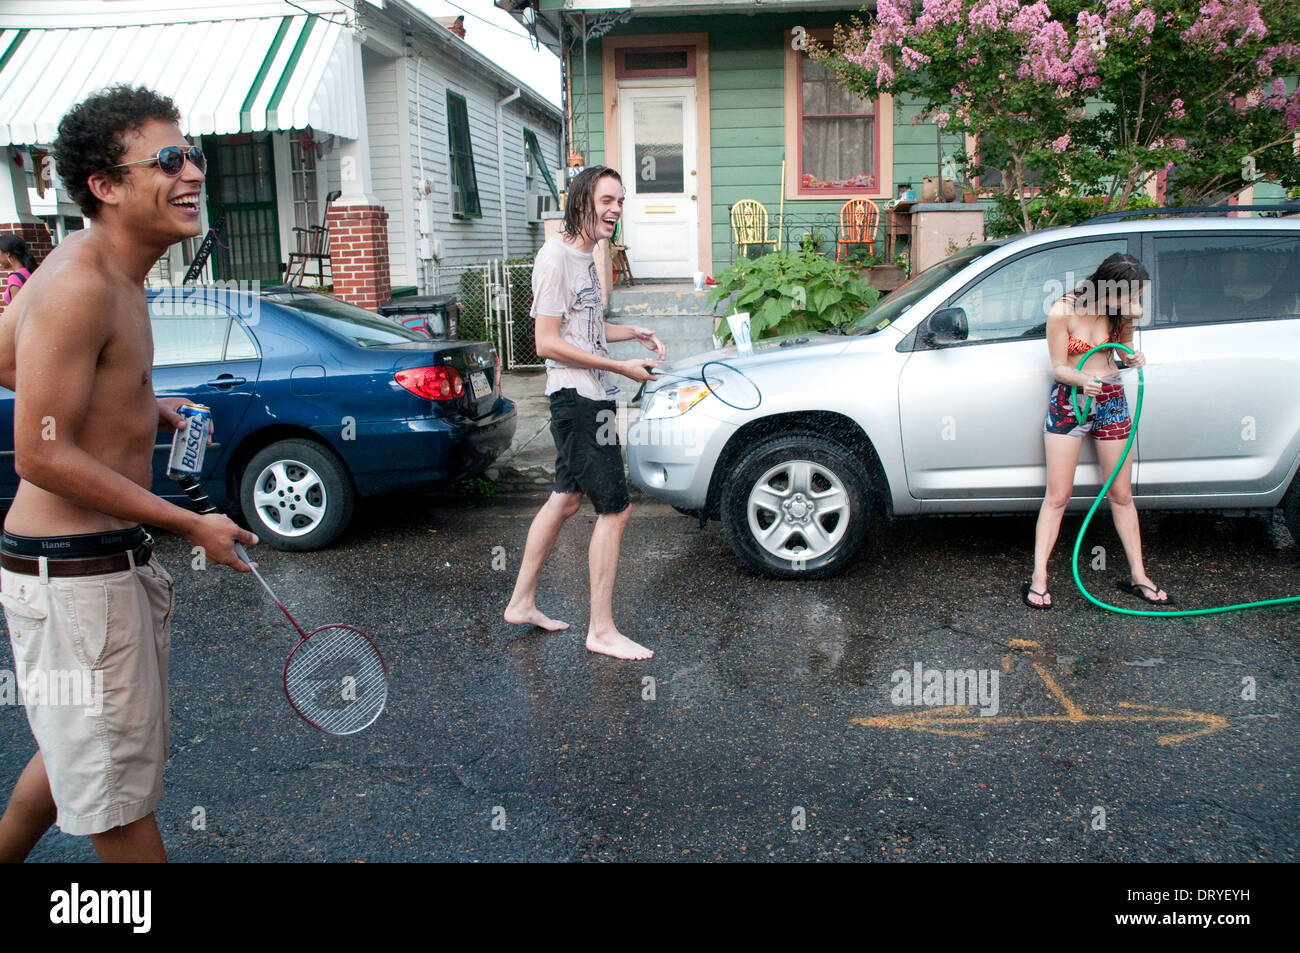 Los residentes del vecindario de Bywater en Nueva Orleans, jugar bádminton calle informal y divertirse, Louisiana. Imagen De Stock